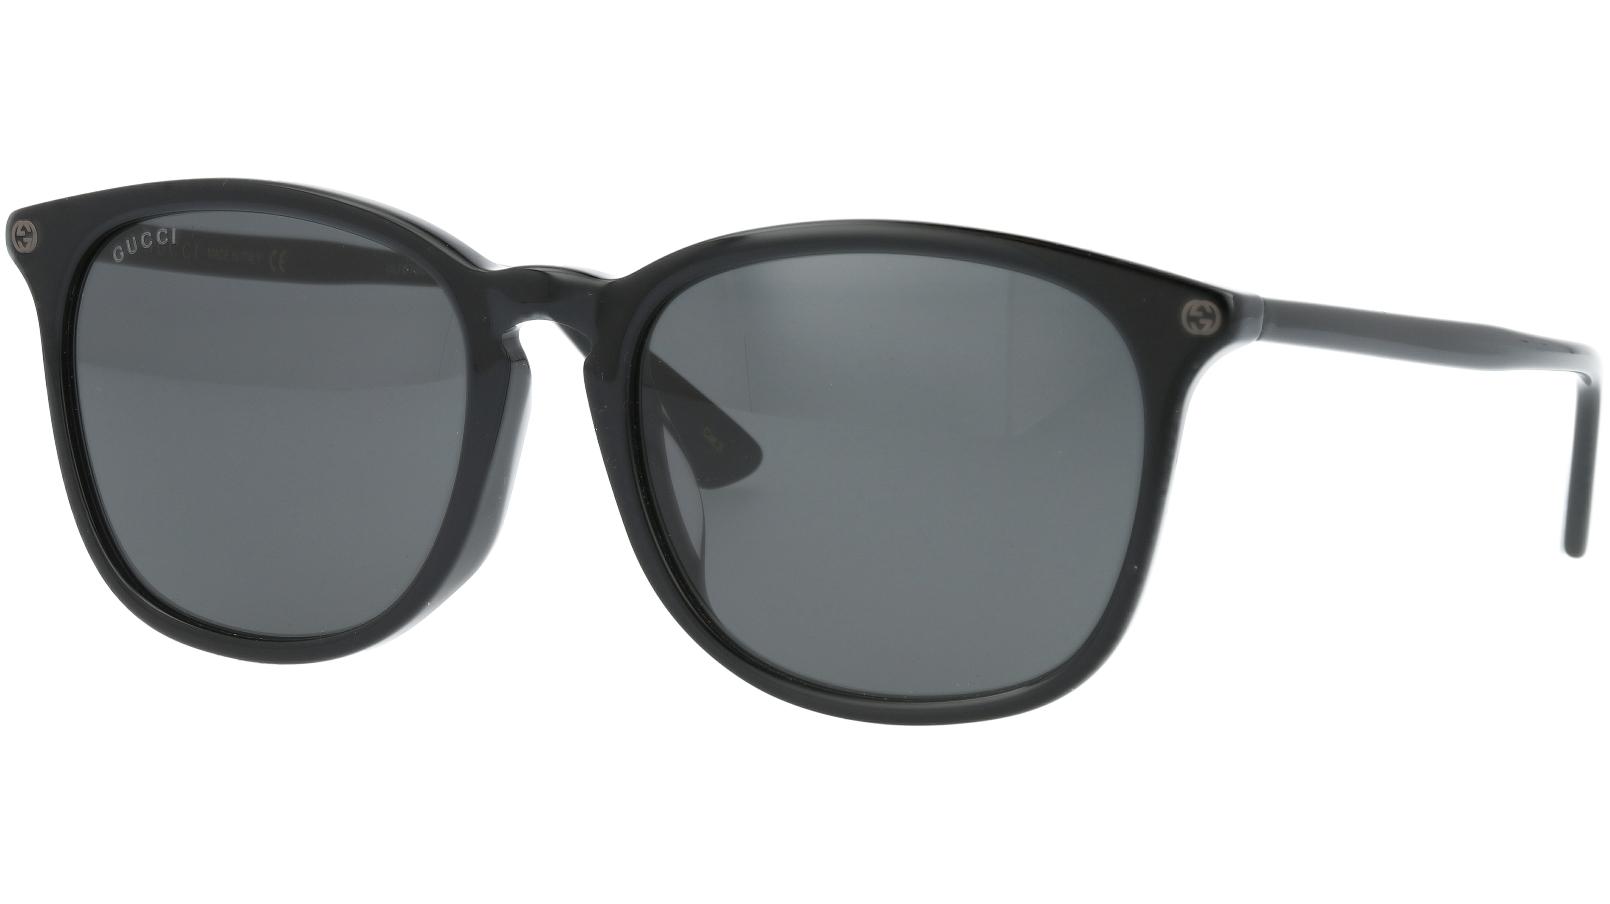 GUCCI GG0154SA 005 56 BLACK Sunglasses